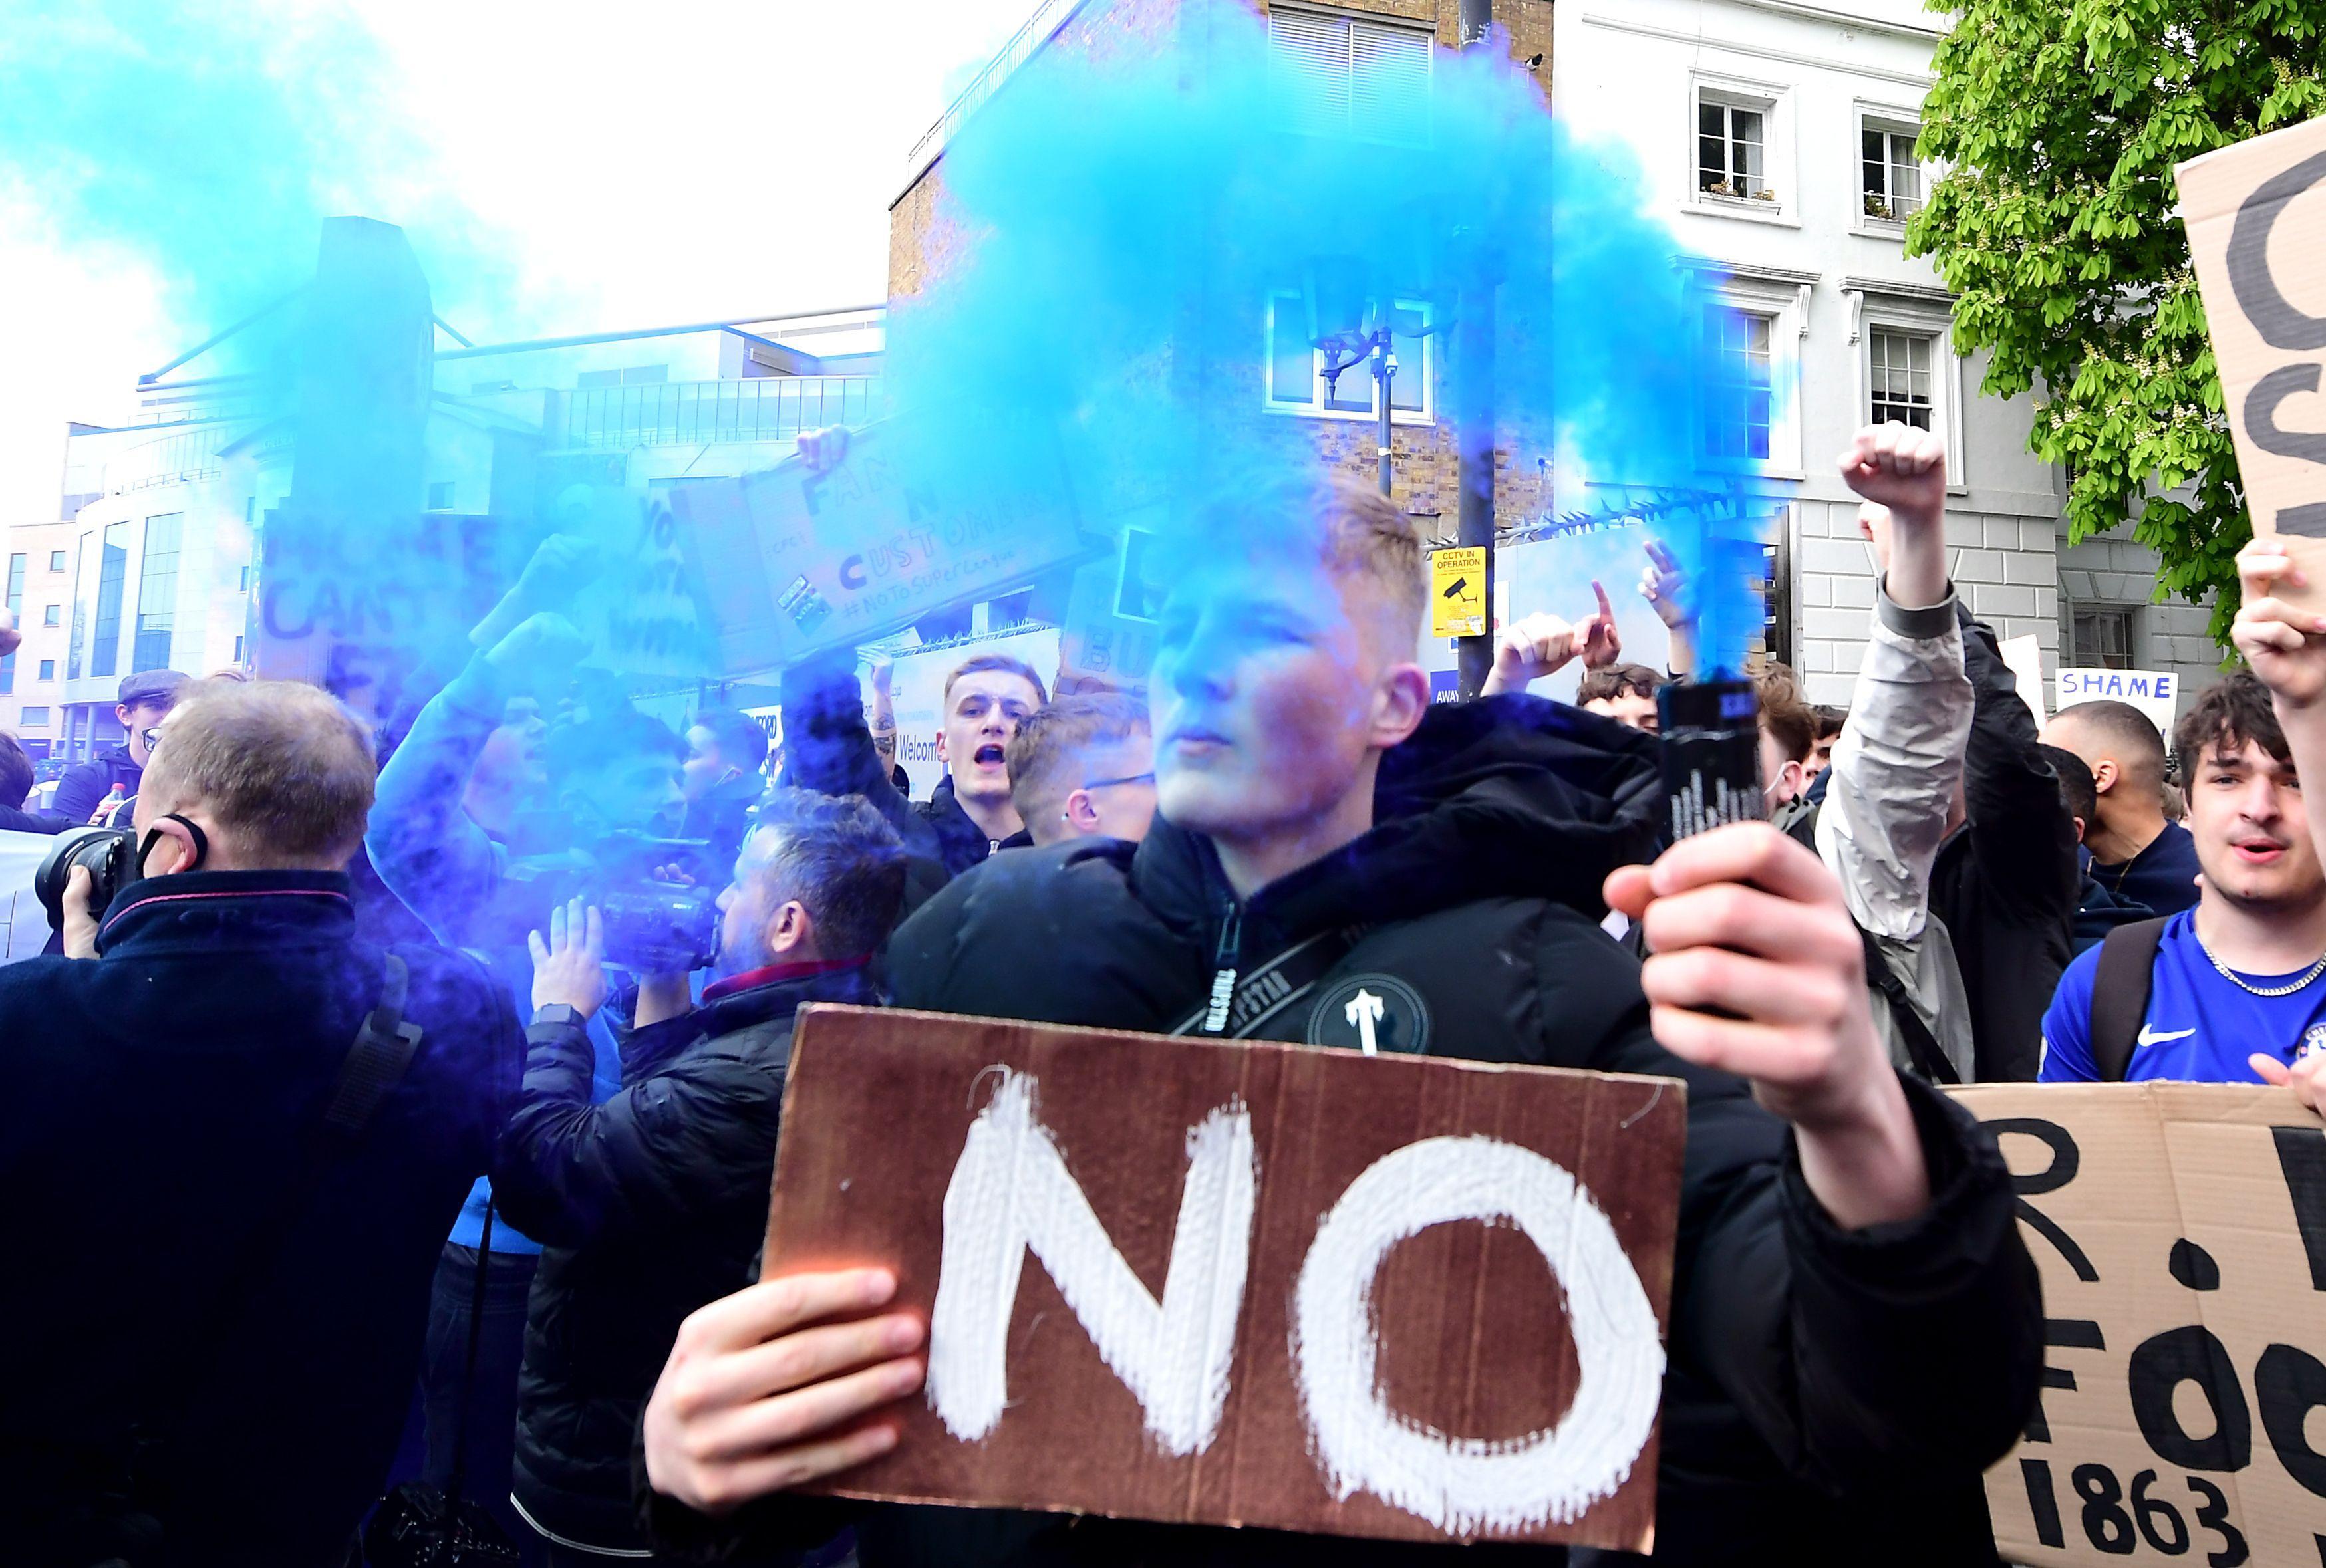 Fanii lui Chelsea au protestat în faţa stadionului faţă de aderarea la Super Ligă